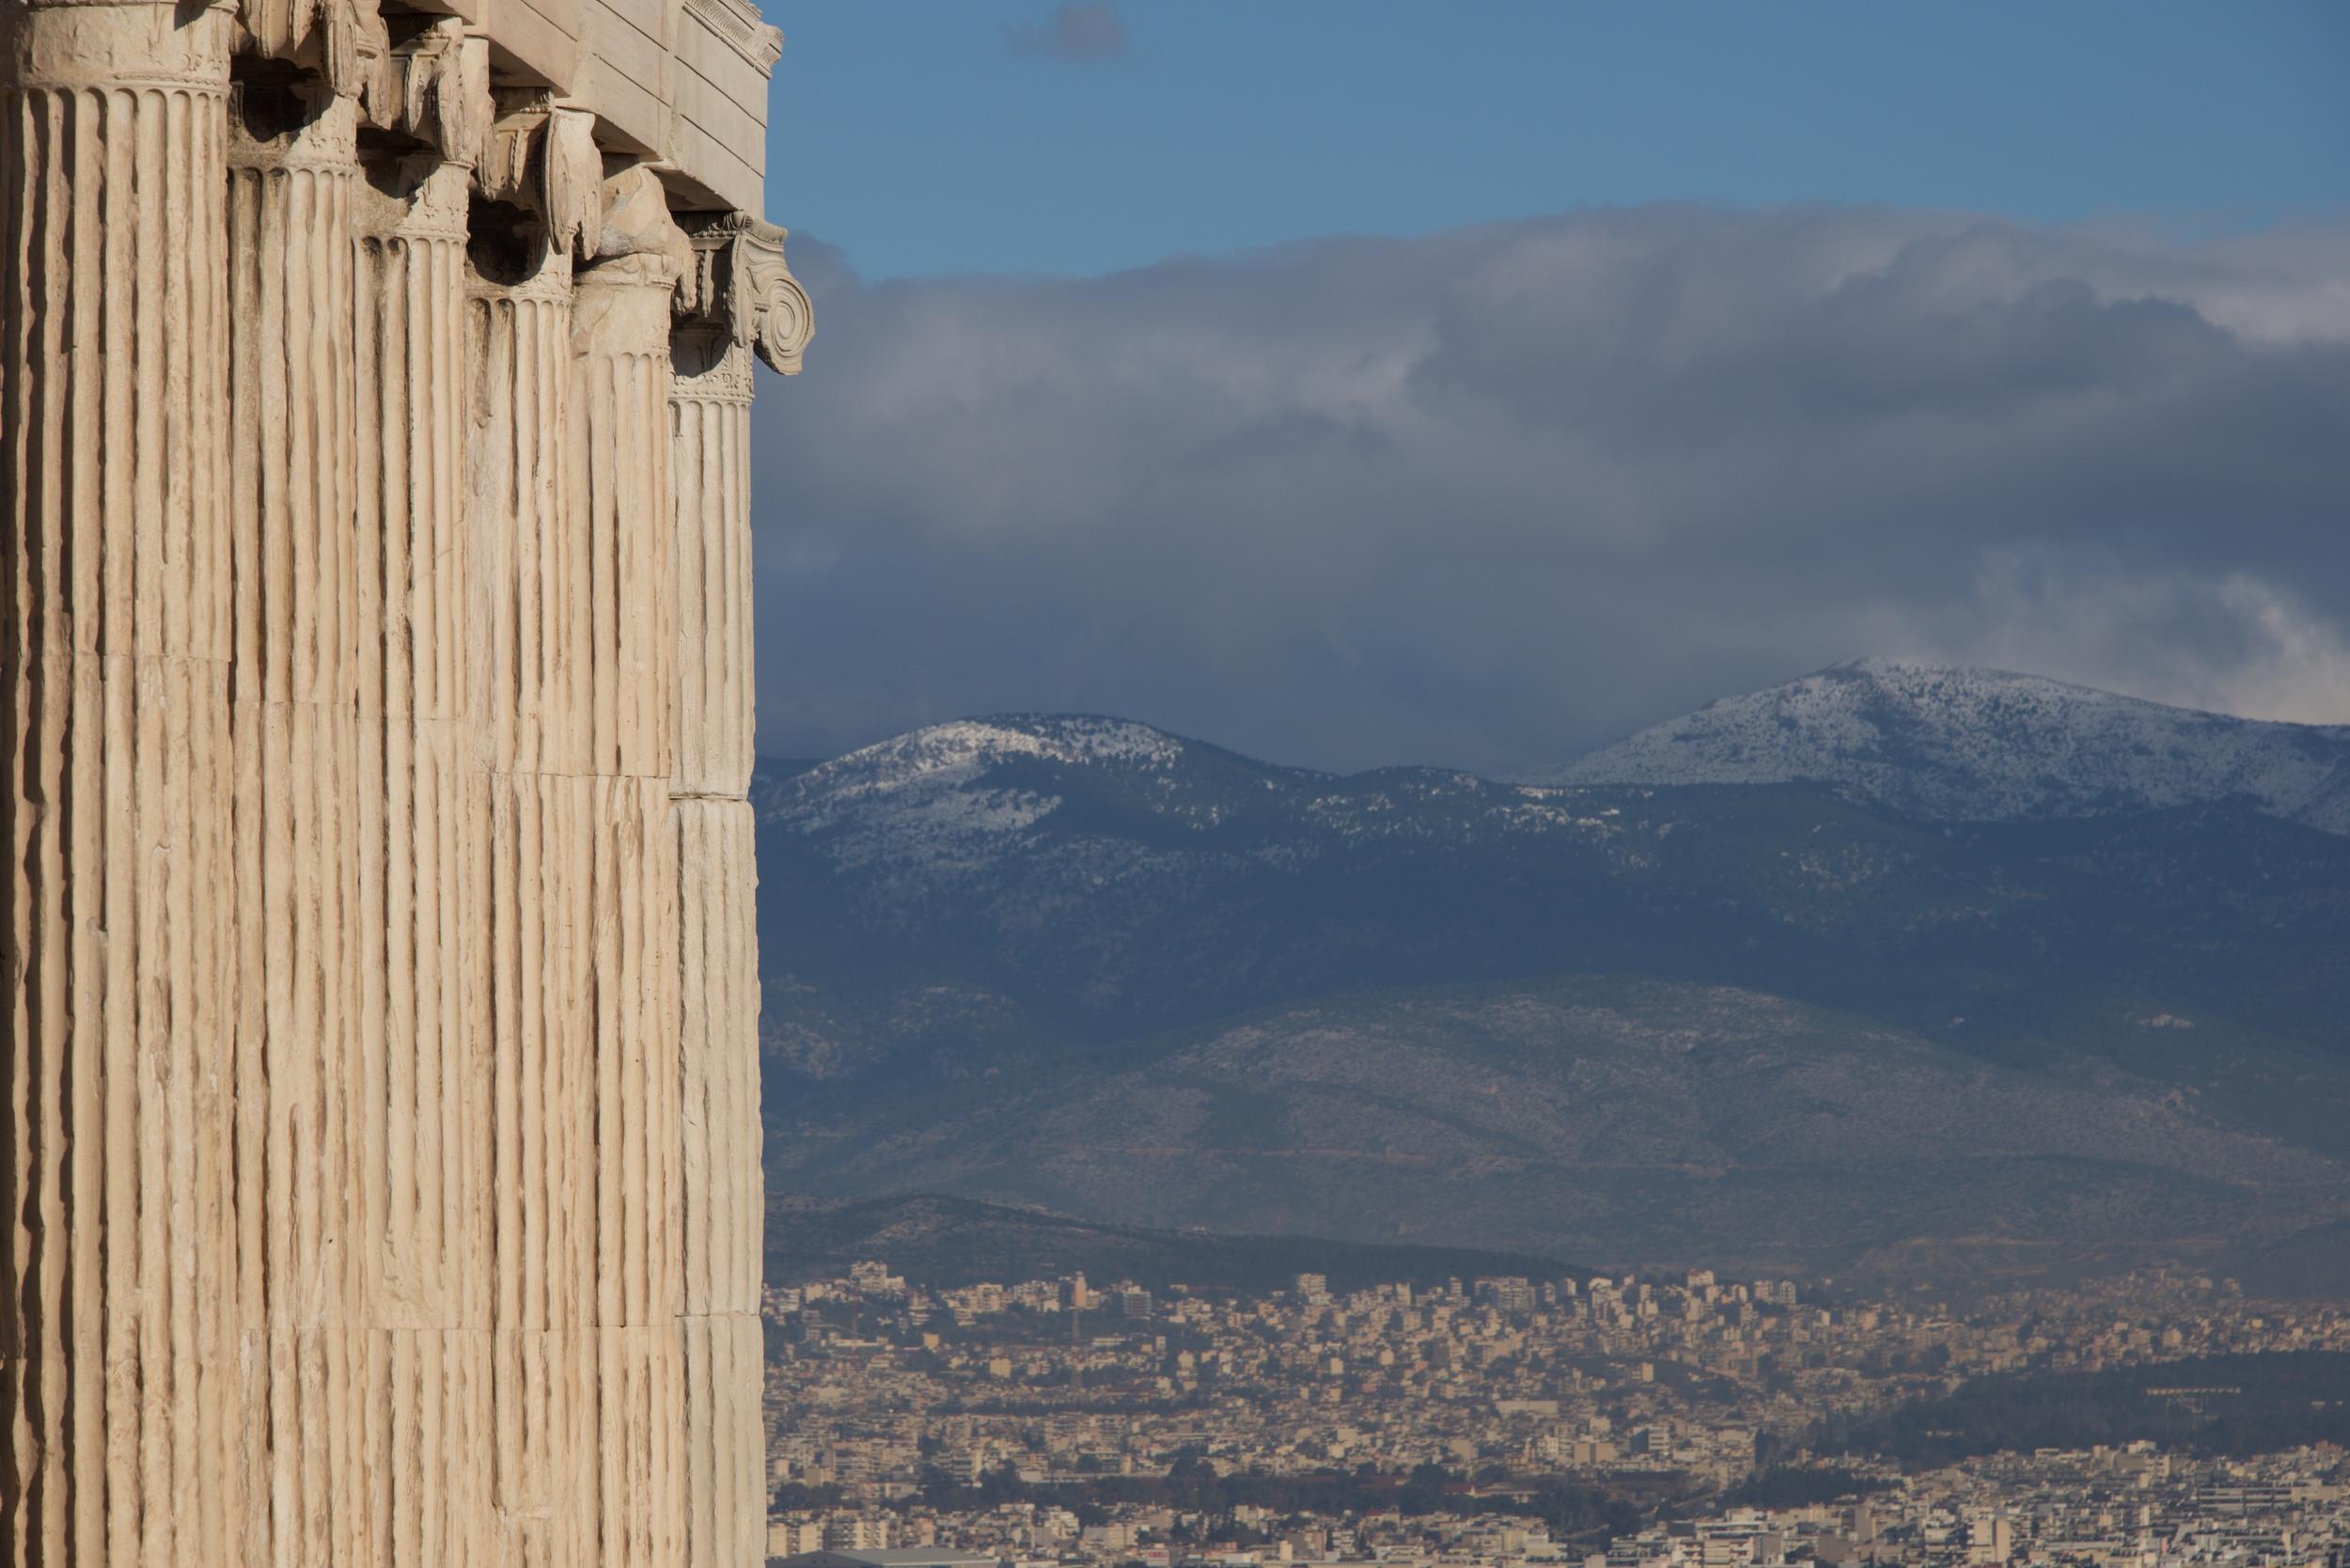 Athens and hills seen beyond Erechtheion colonnade.jpg